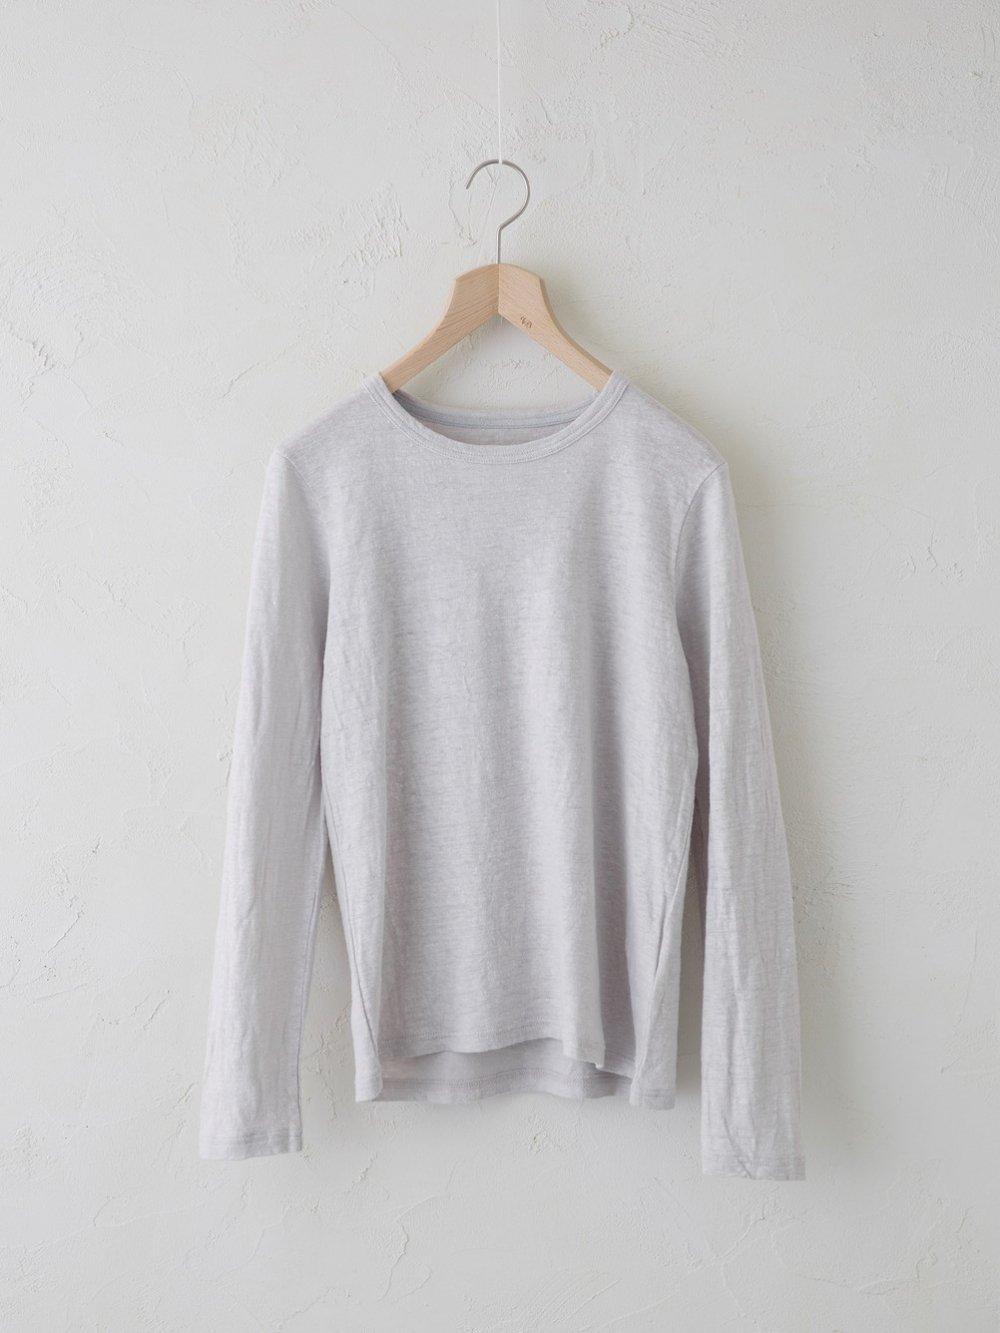 KL Warm 長袖Tシャツ(Ladies' & Men's)